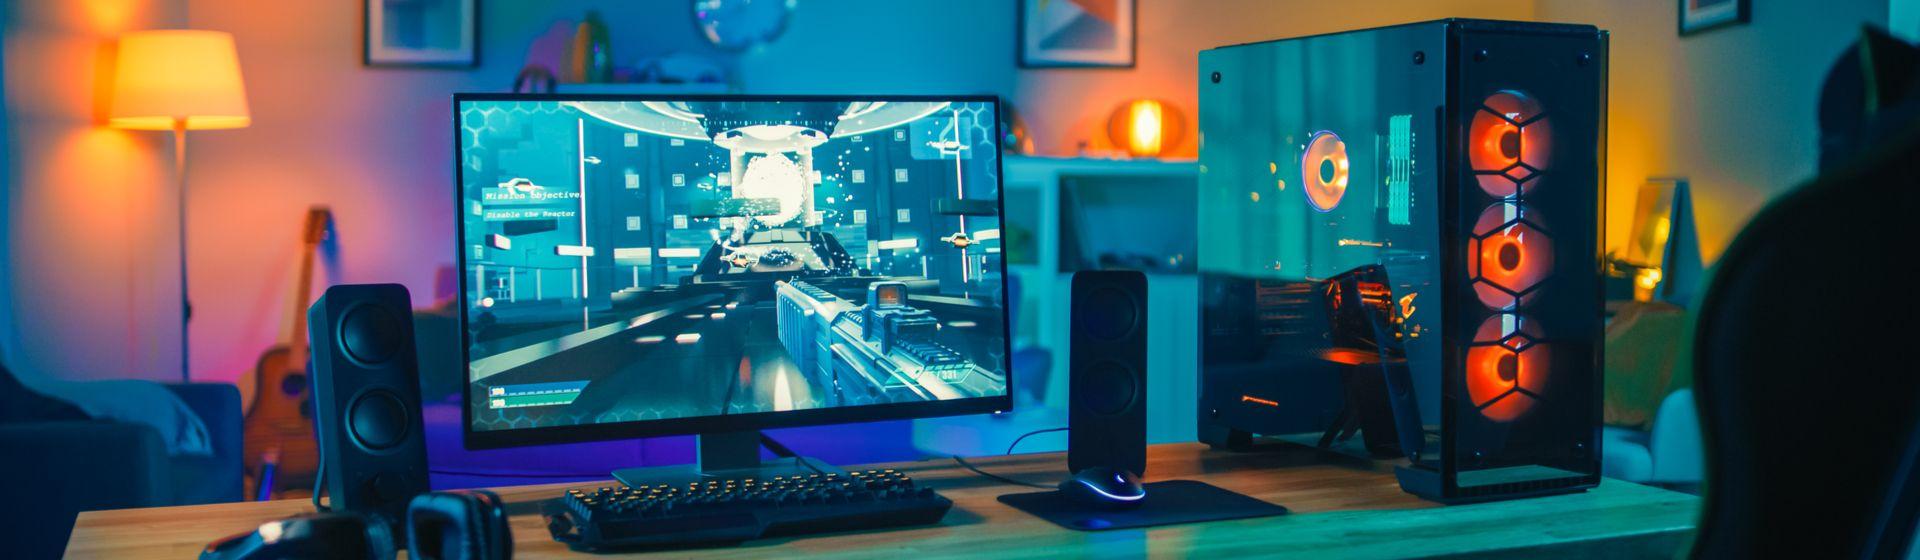 Como montar um PC Gamer até 3000 reais?